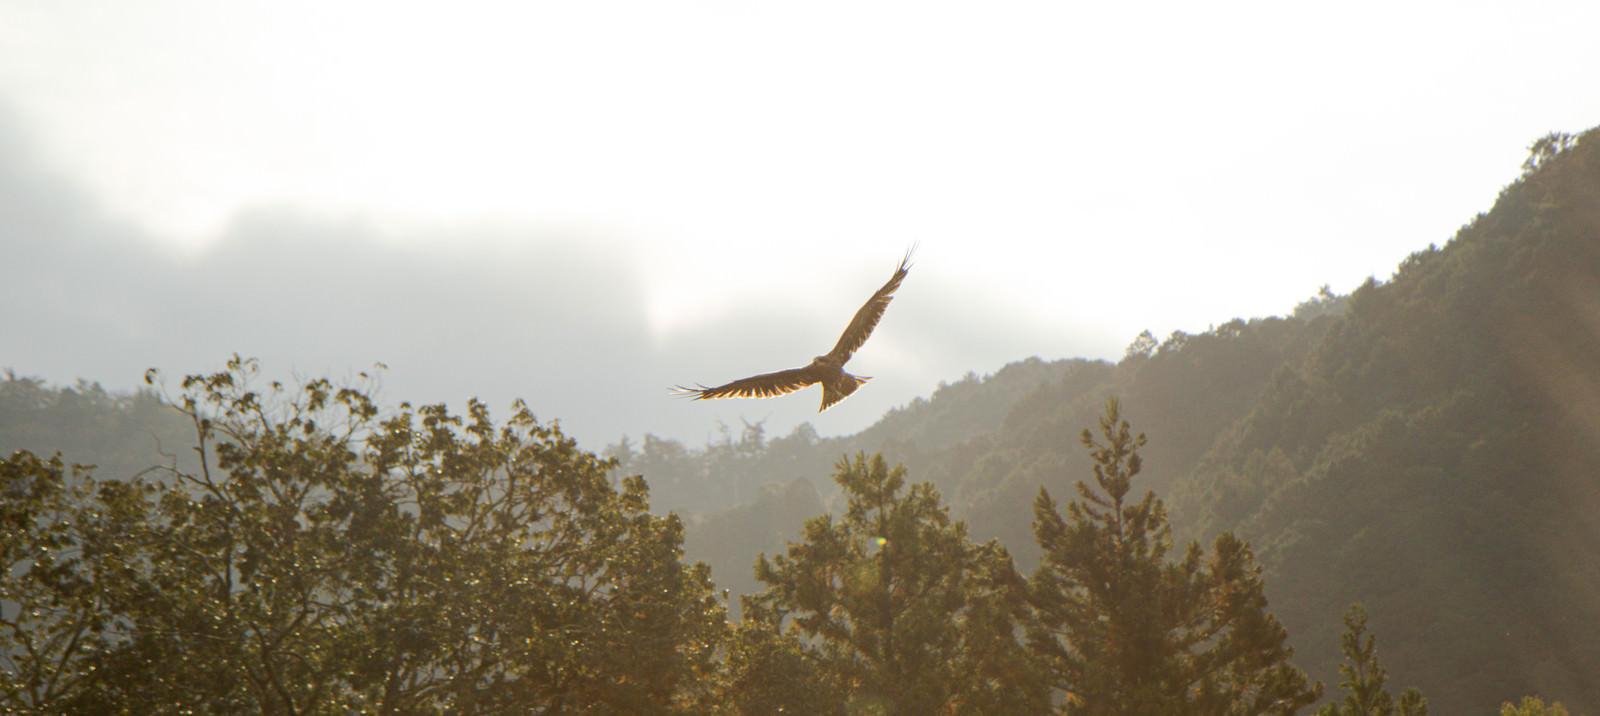 「光を浴びて大空を舞う鳶(トンビ)」の写真